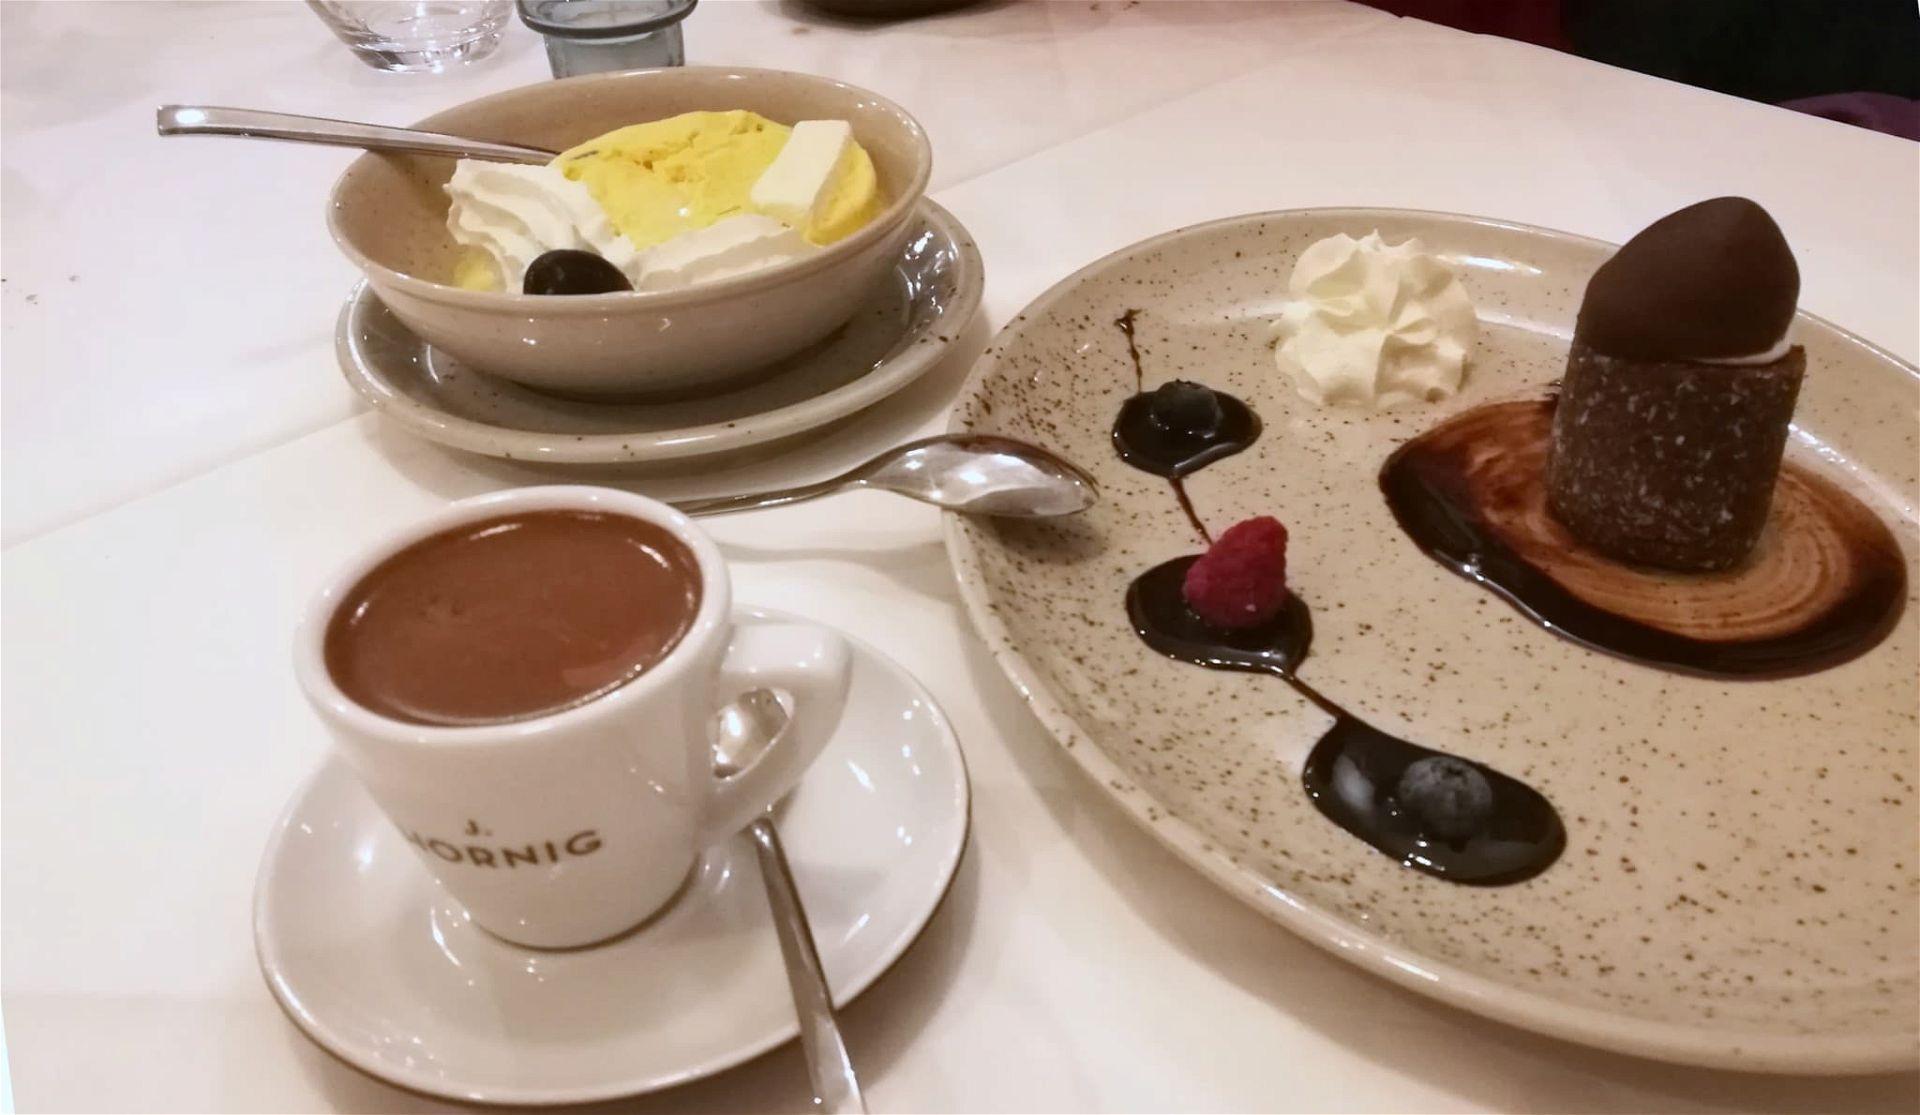 Arezu Desserts